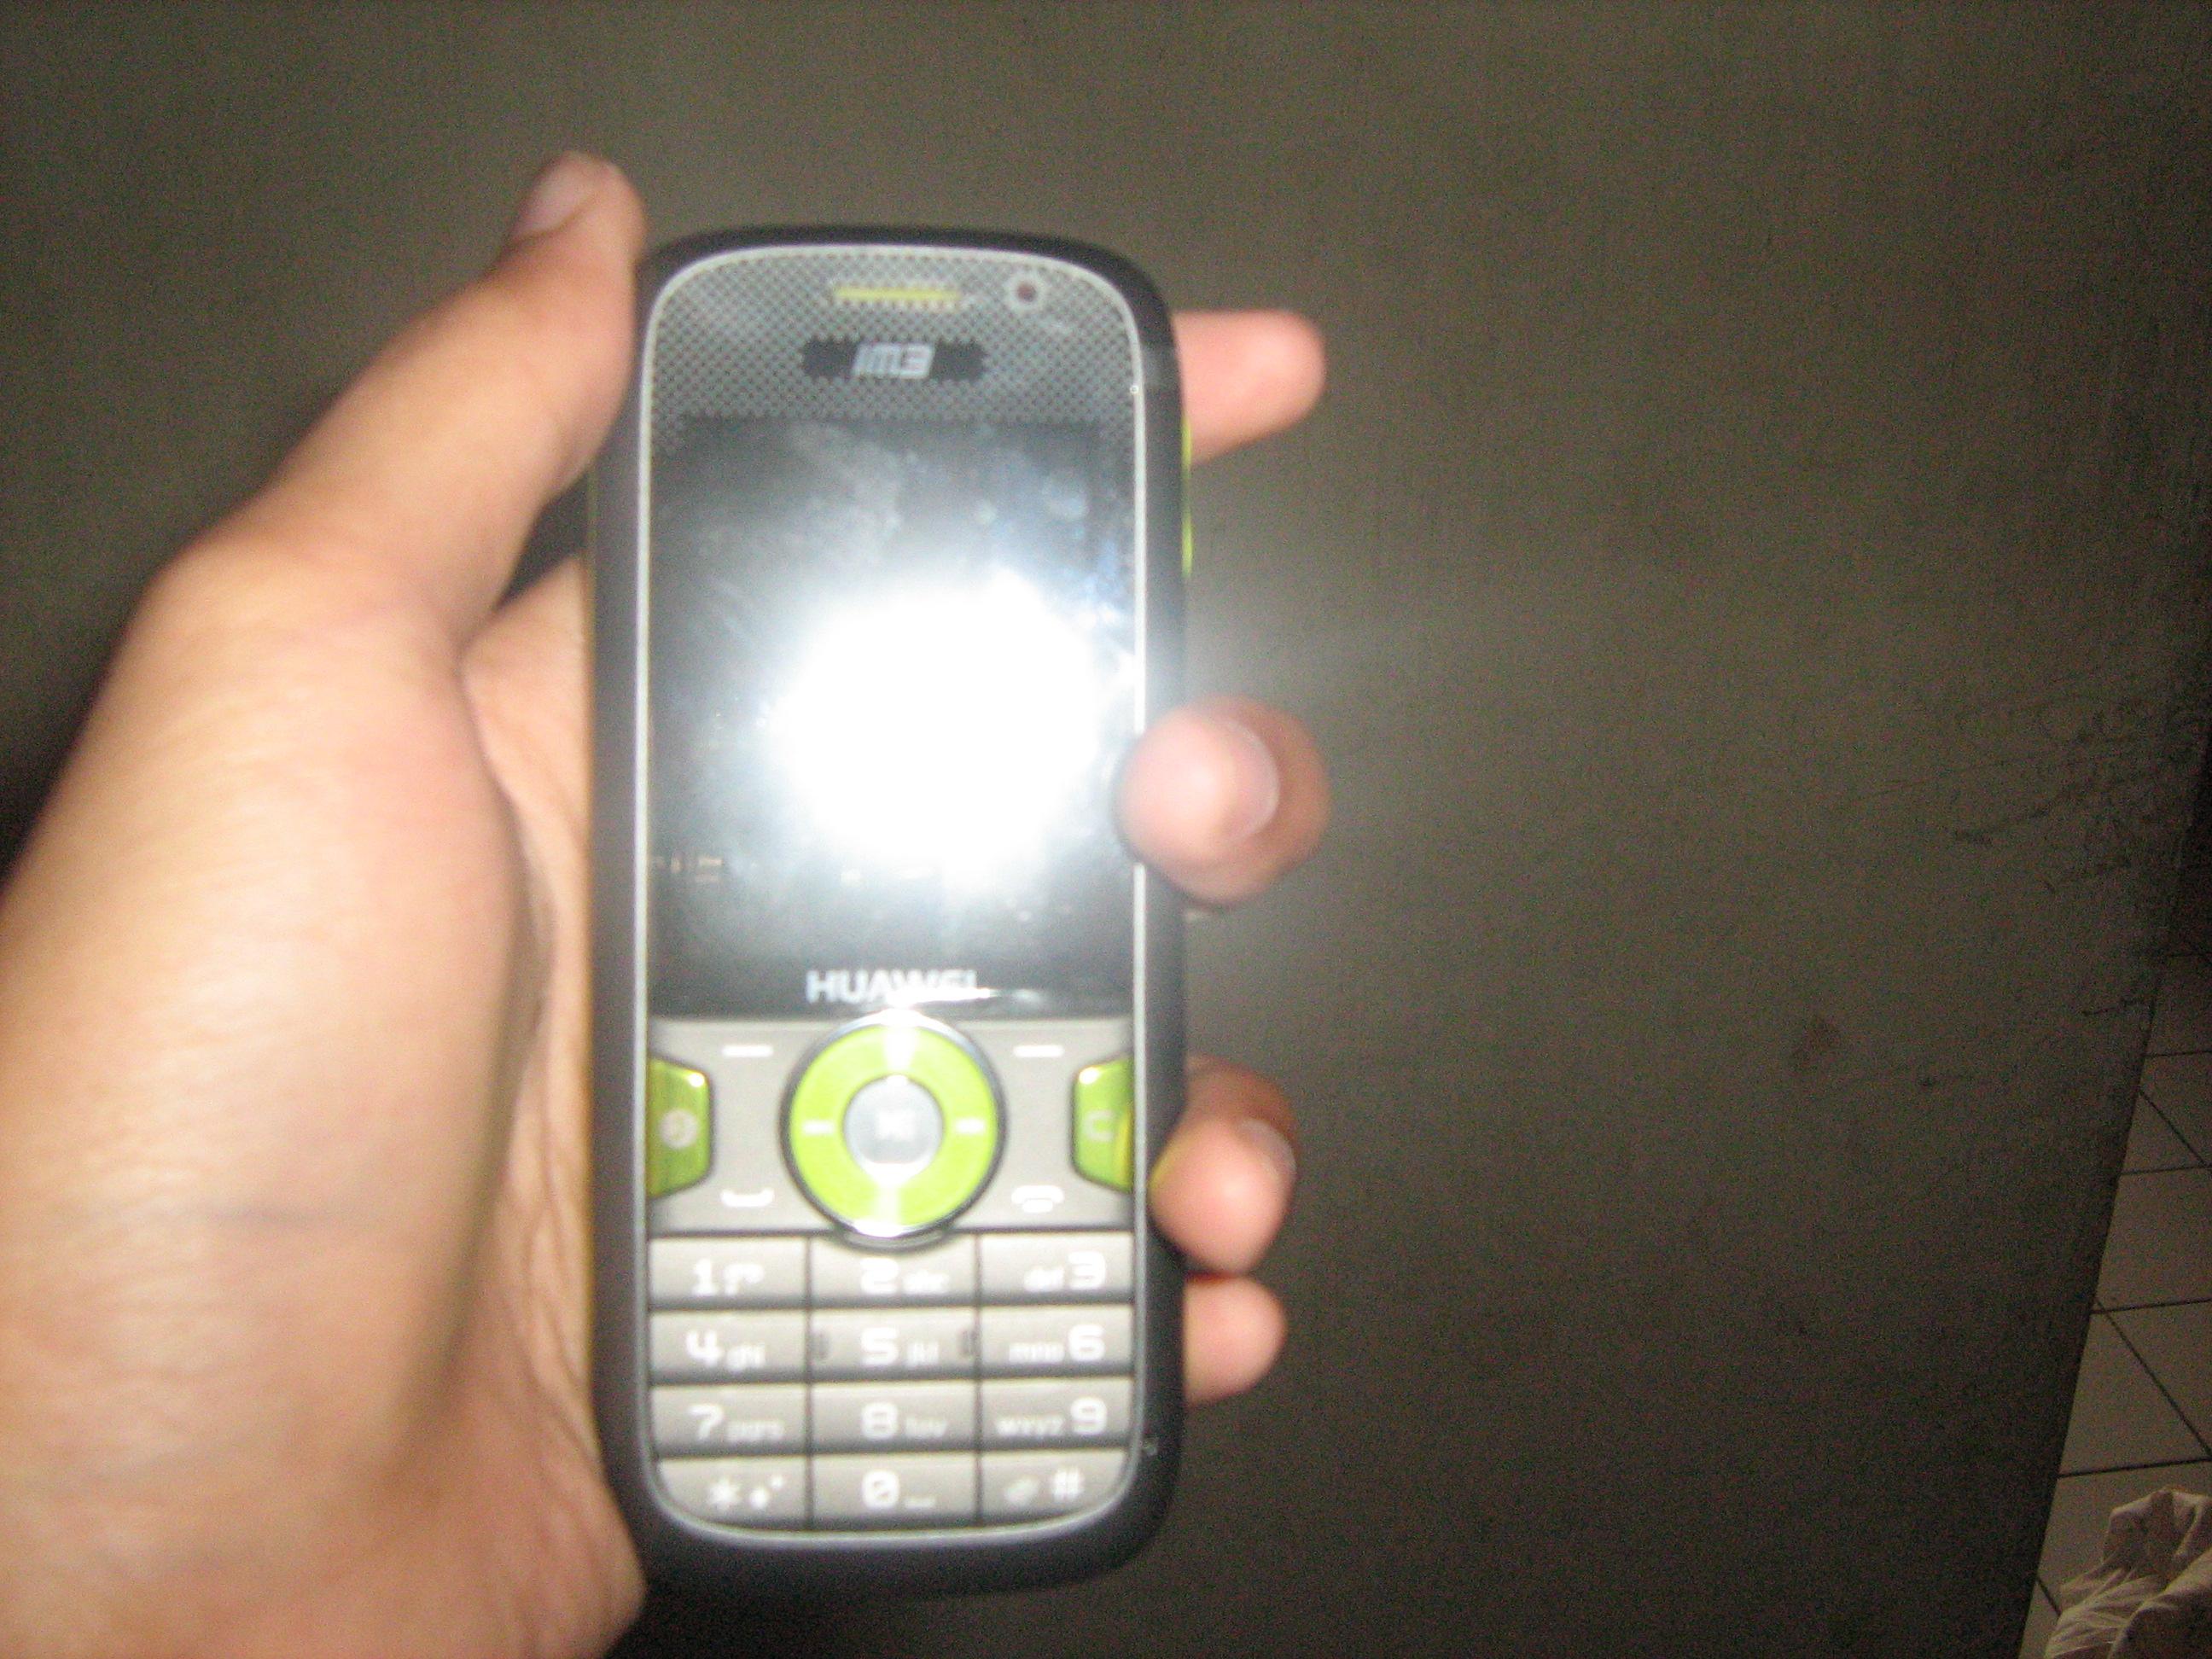 MigPhone Huawei U1280